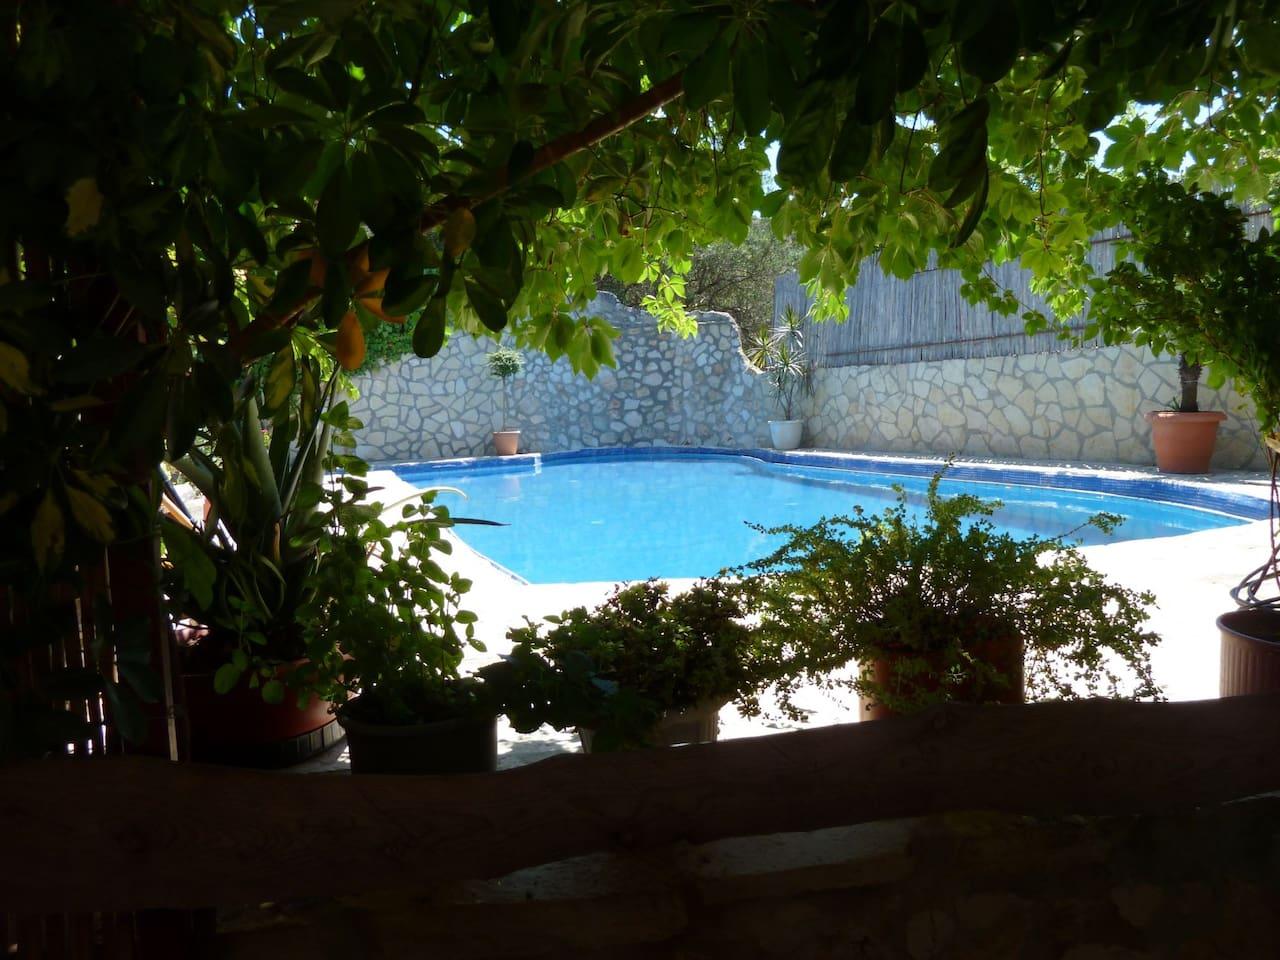 Η κοινόχρηστη πισίνα